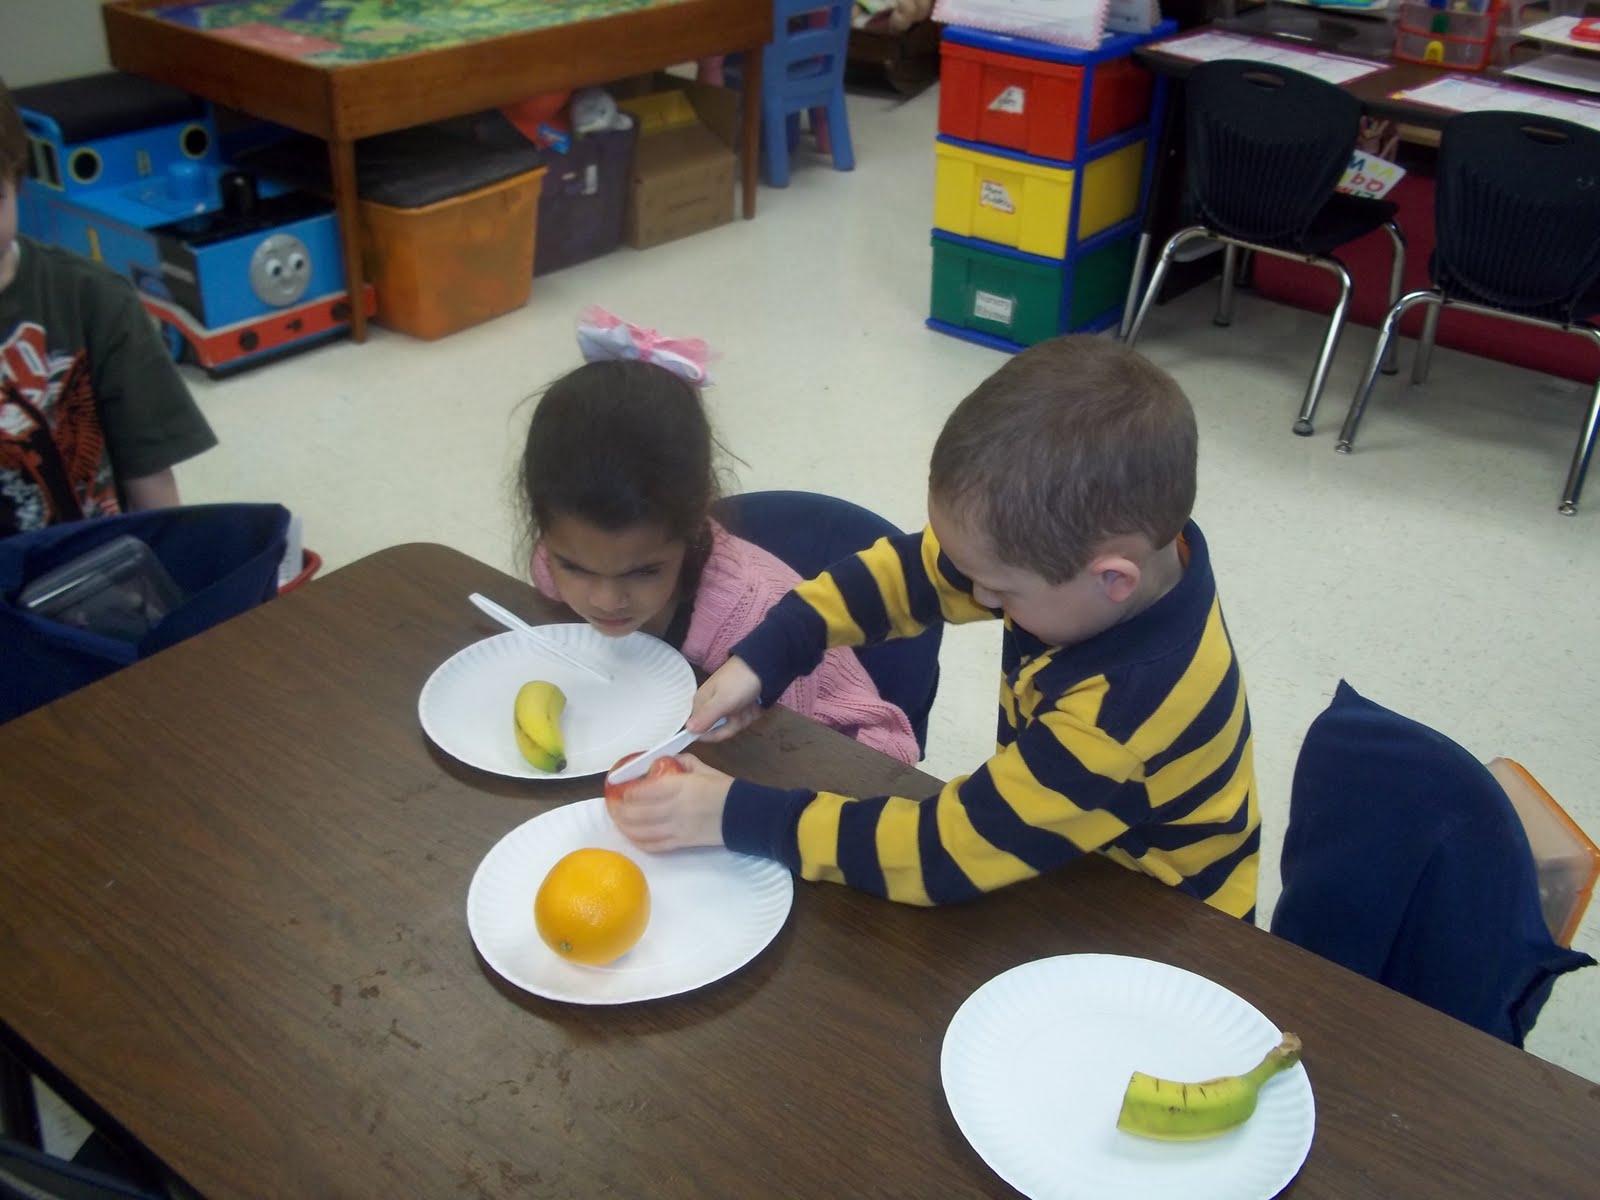 Kinder Garden: Mrs. Wood's Kindergarten Class: Give Me Half